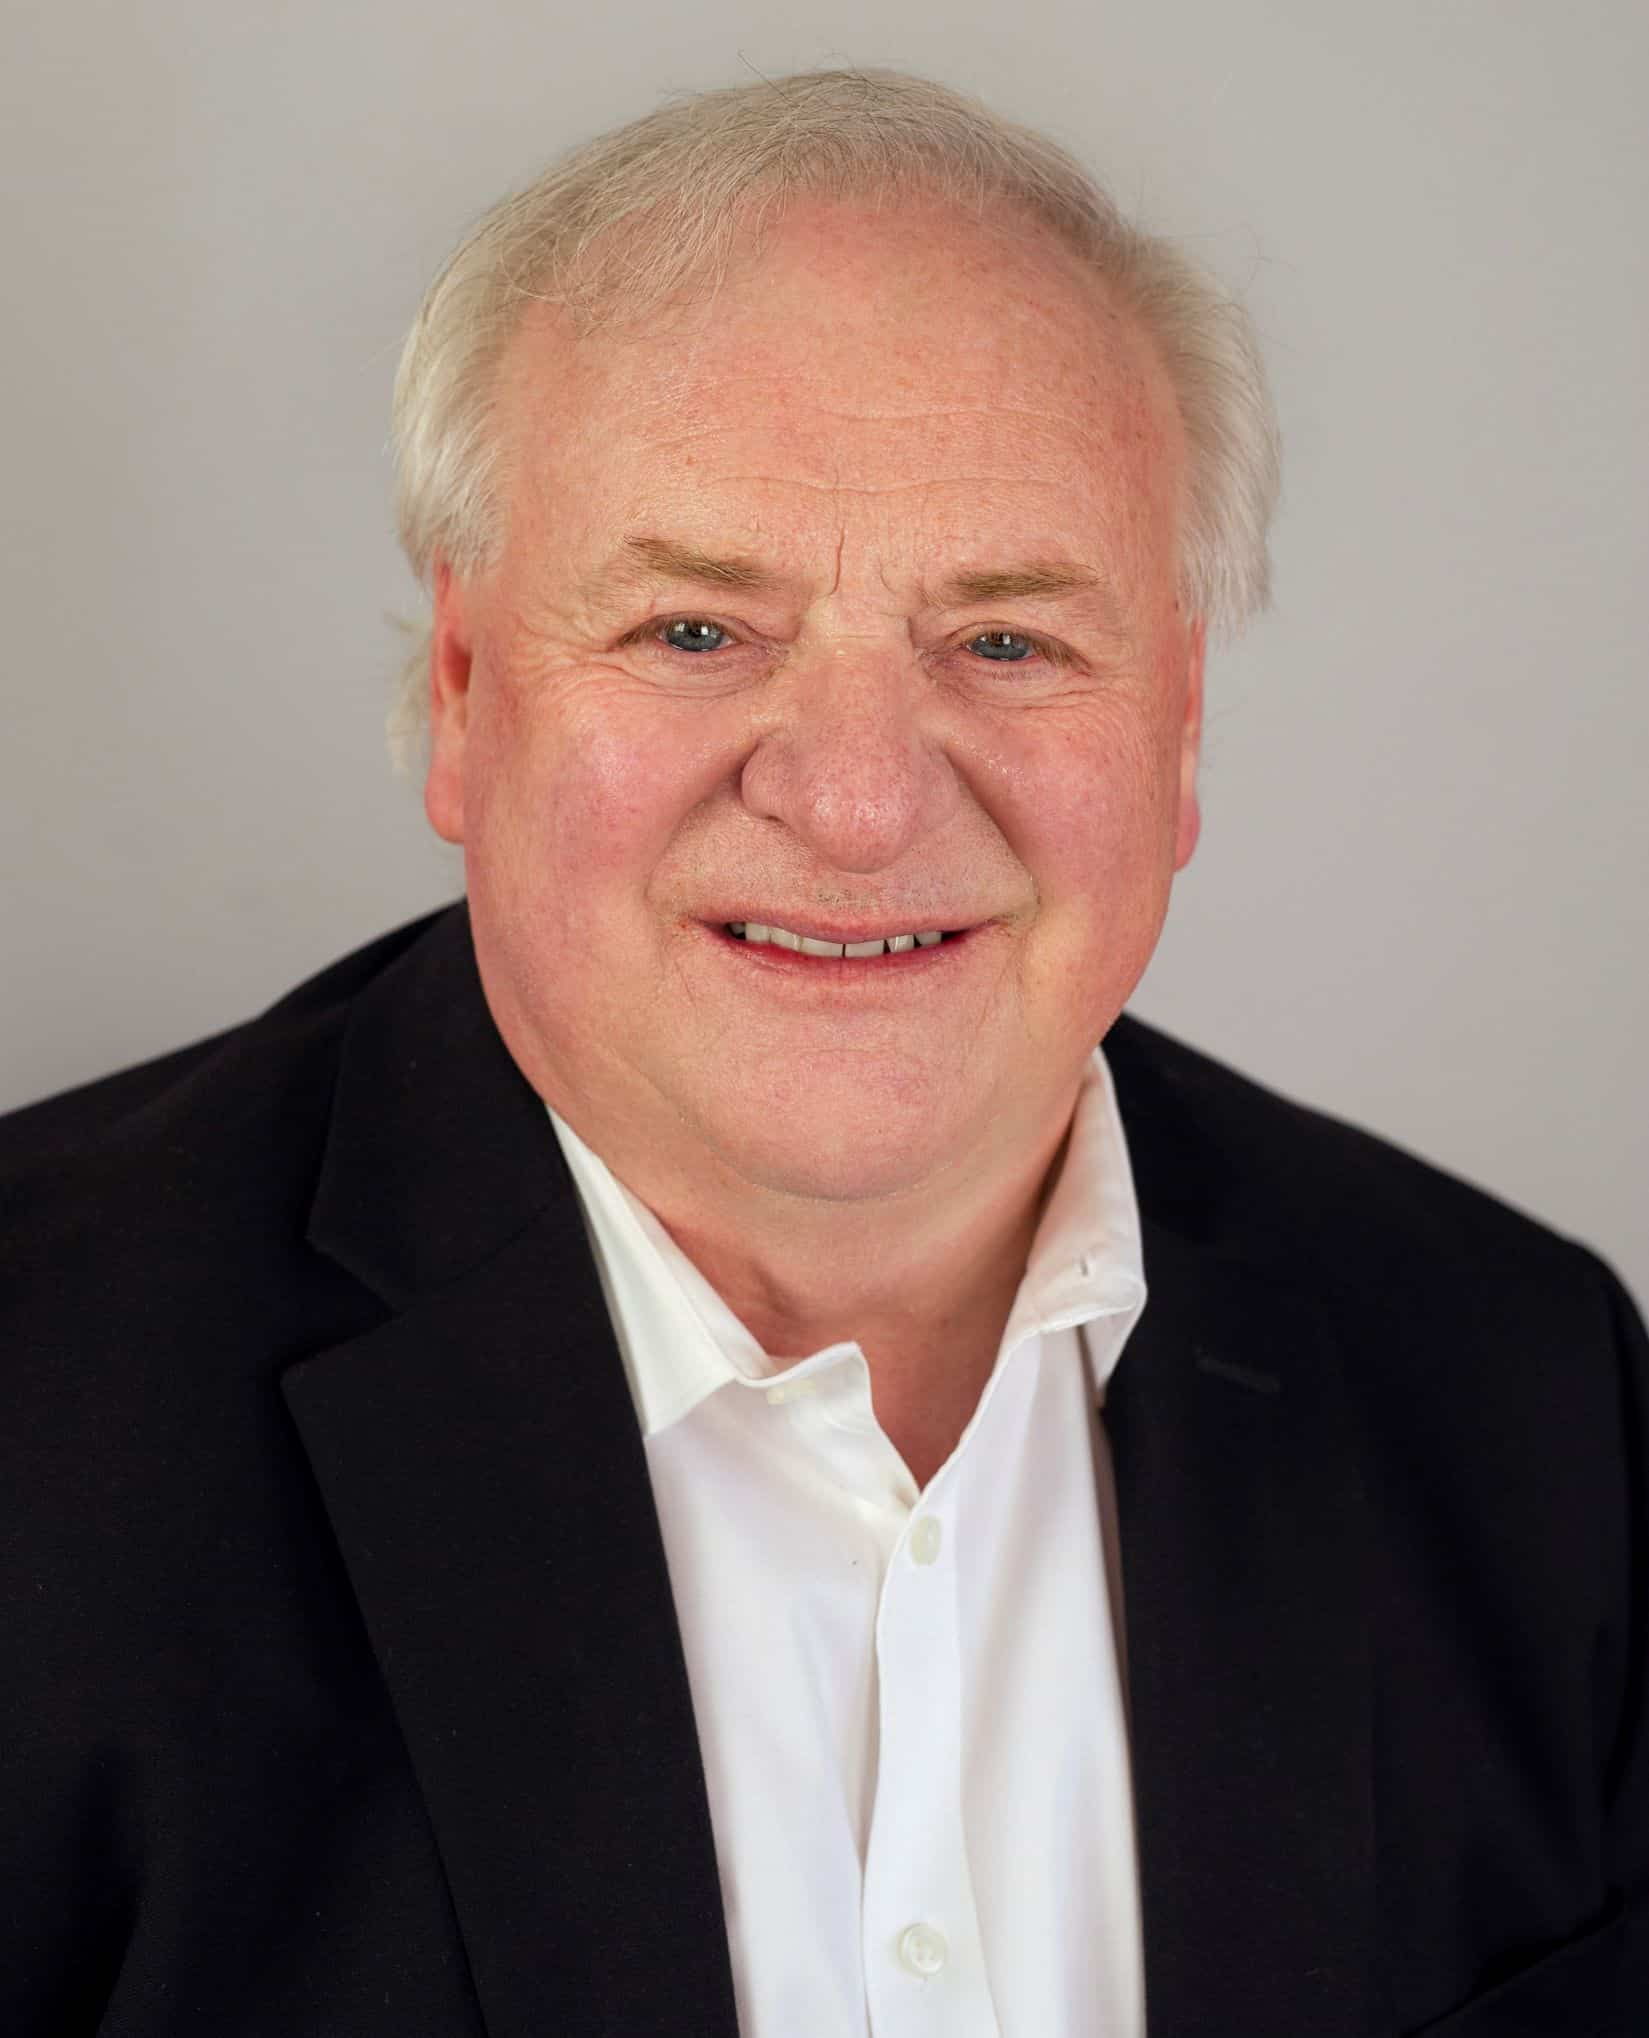 Steven G. Pierson, CPA